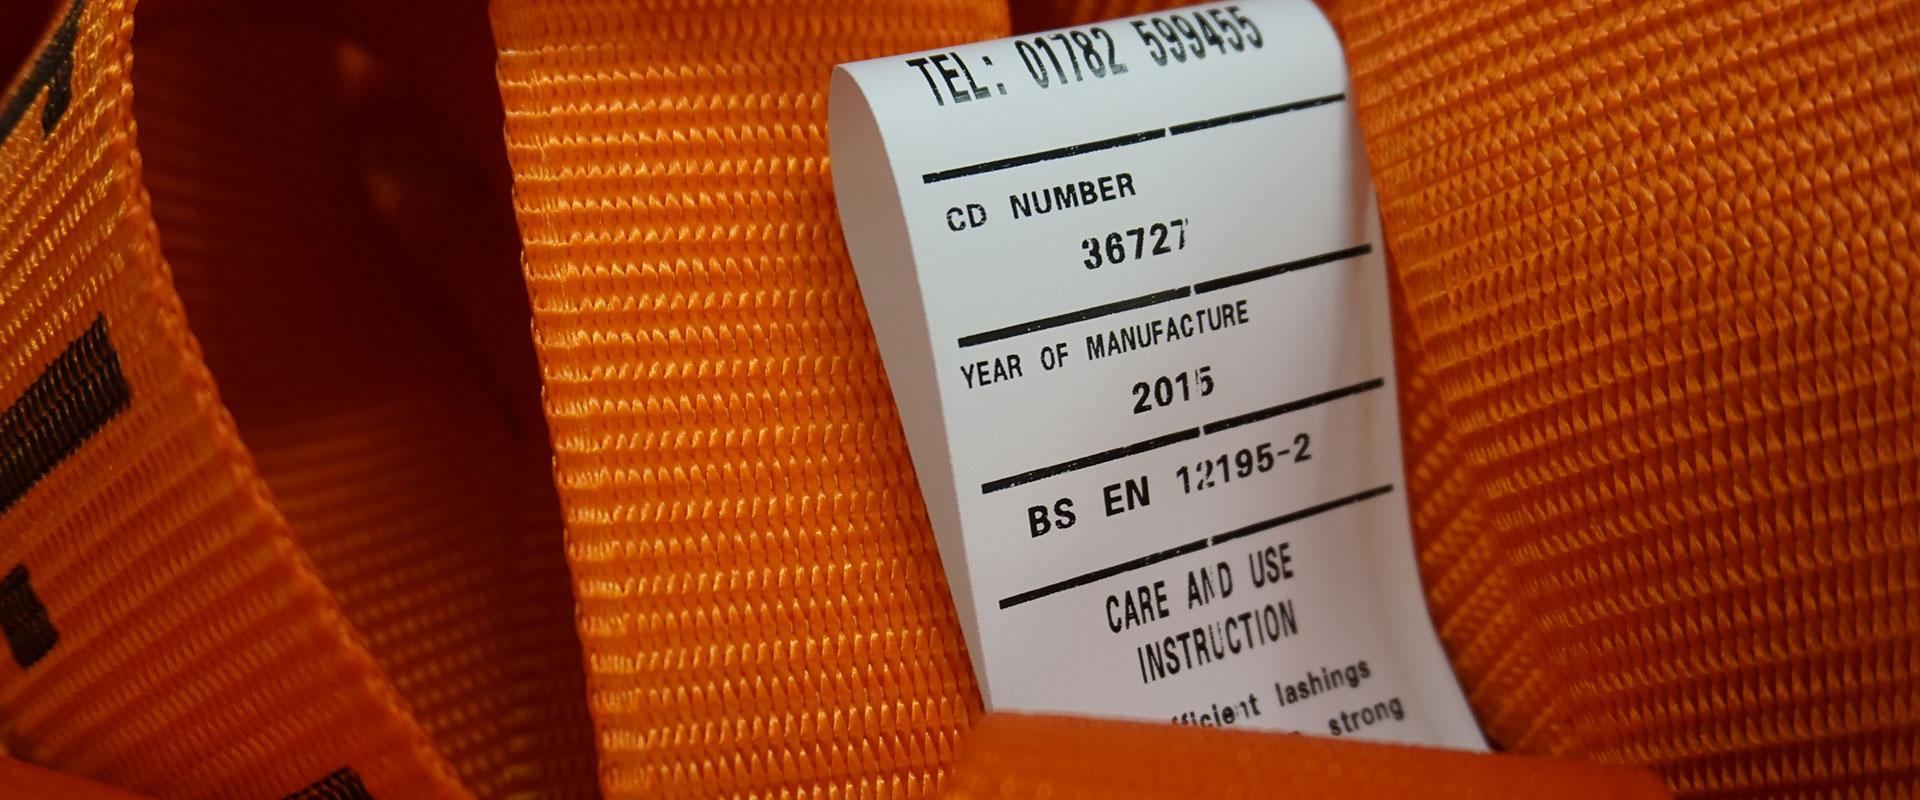 EN 12195-2 - Label